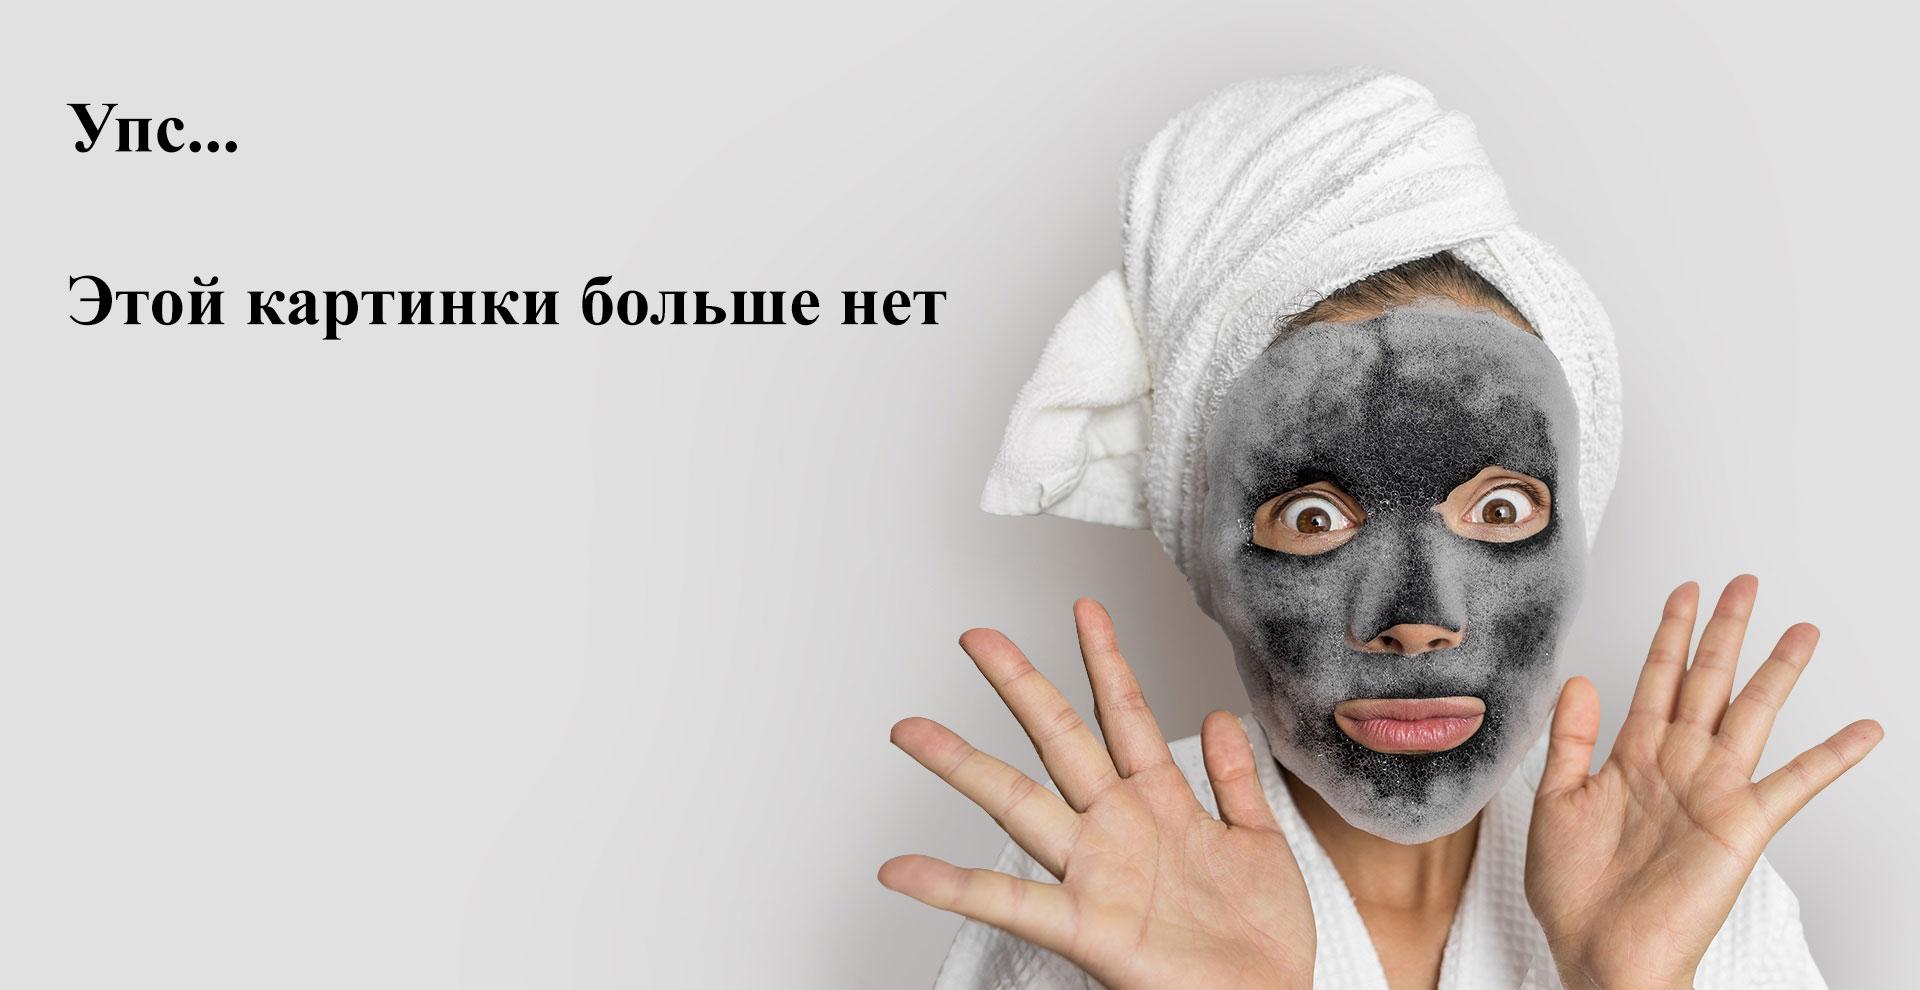 Domix, Nail Prep Lux 2 в 1, Обезжириватель для ногтей с помпой, 255 мл